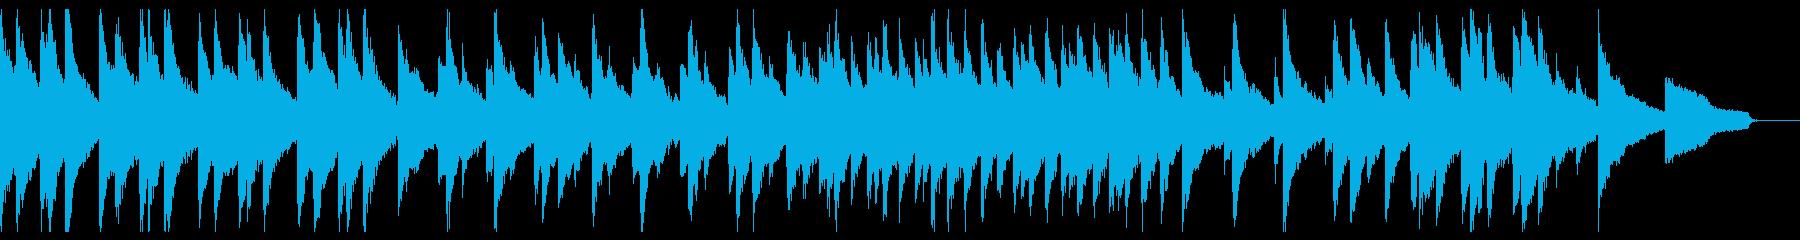 ゆったりとした重厚で力強いピアノ曲の再生済みの波形